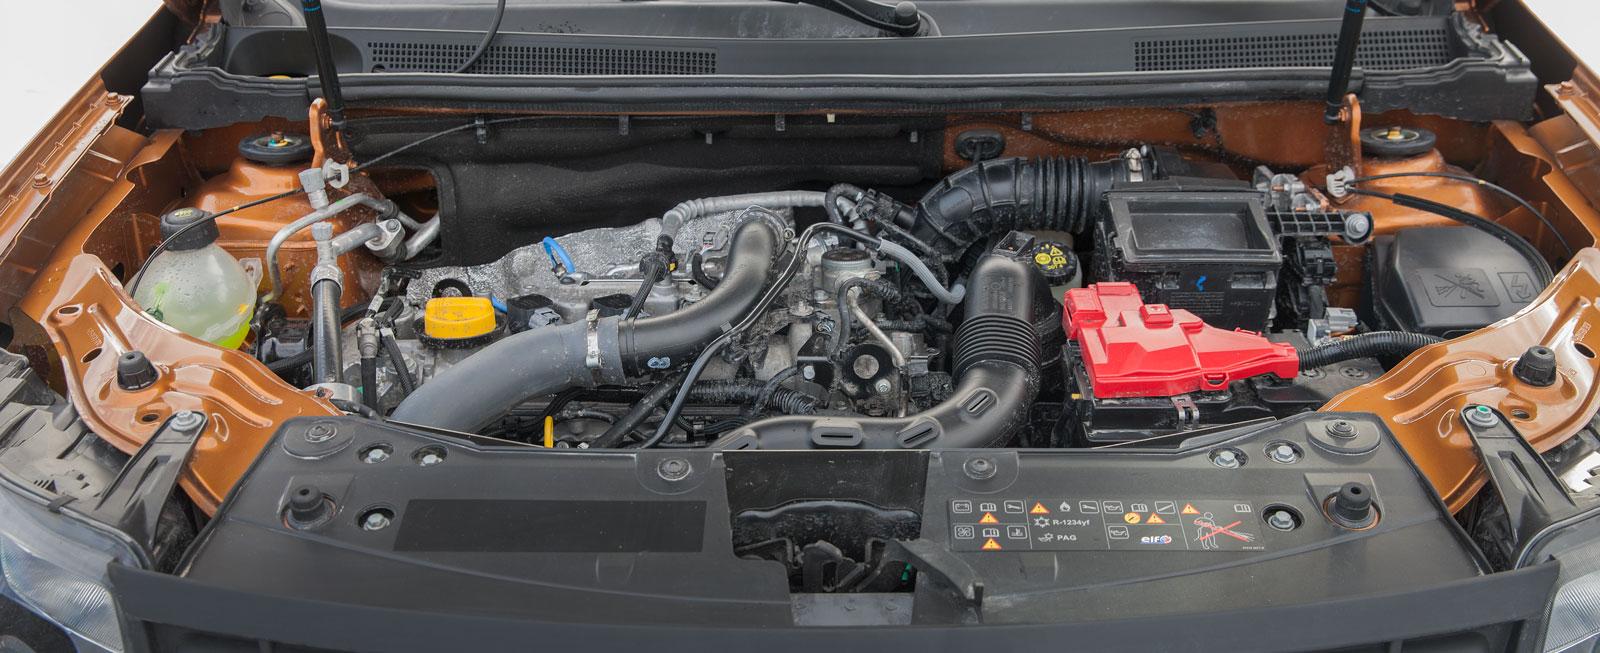 Motorn är bara på 1,2 liter och 125 hk men känns riktigt pigg. Den var dessutom snålast på bensindropparna i testtrion.